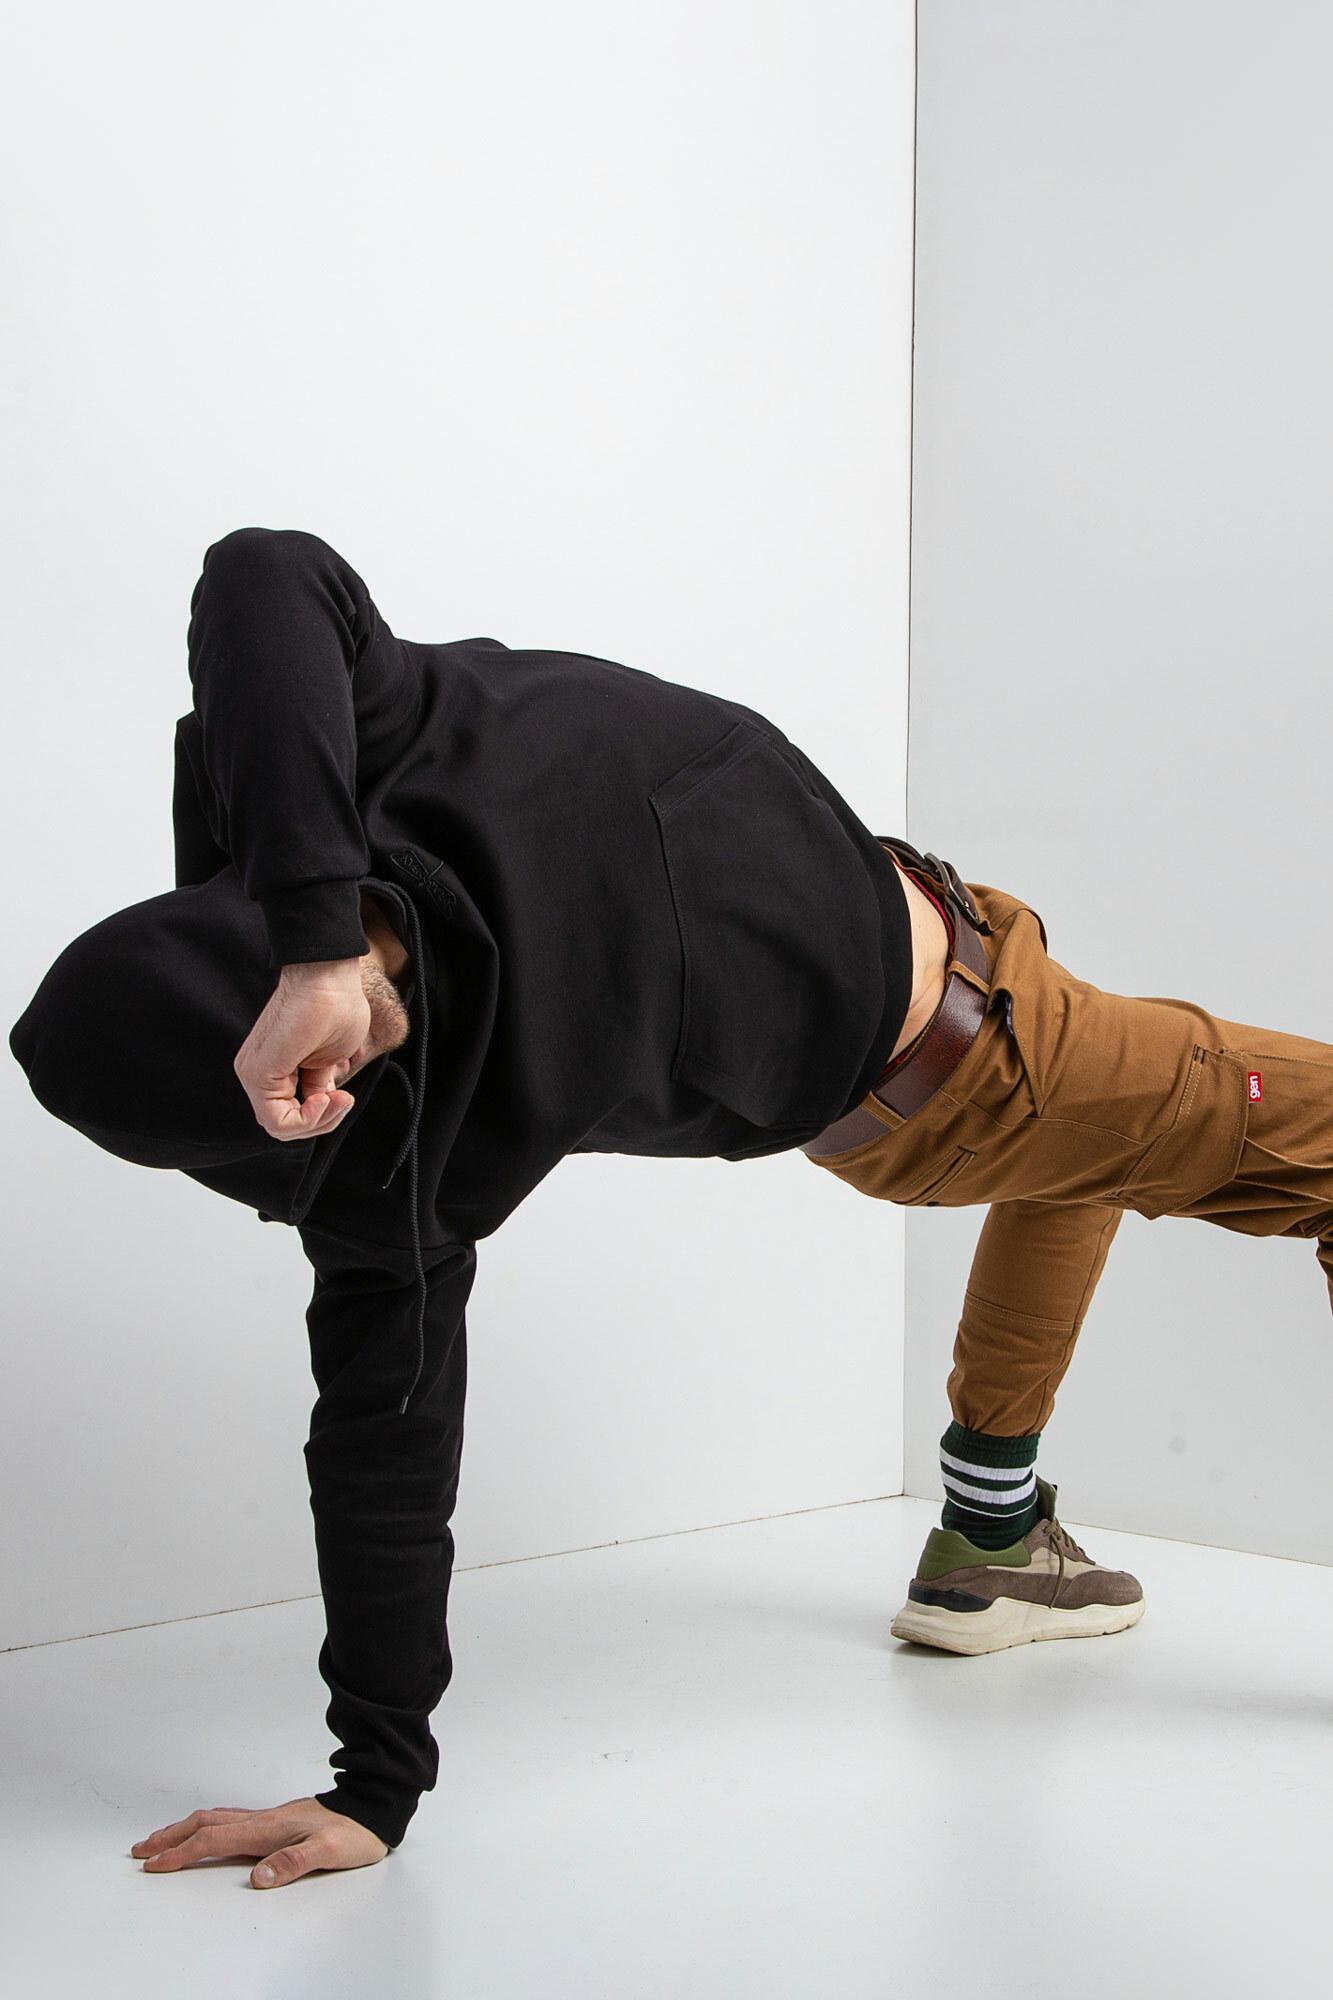 GEN Черная трикотажная толстовка с капюшоном и вышивкой на спине - Фото 7